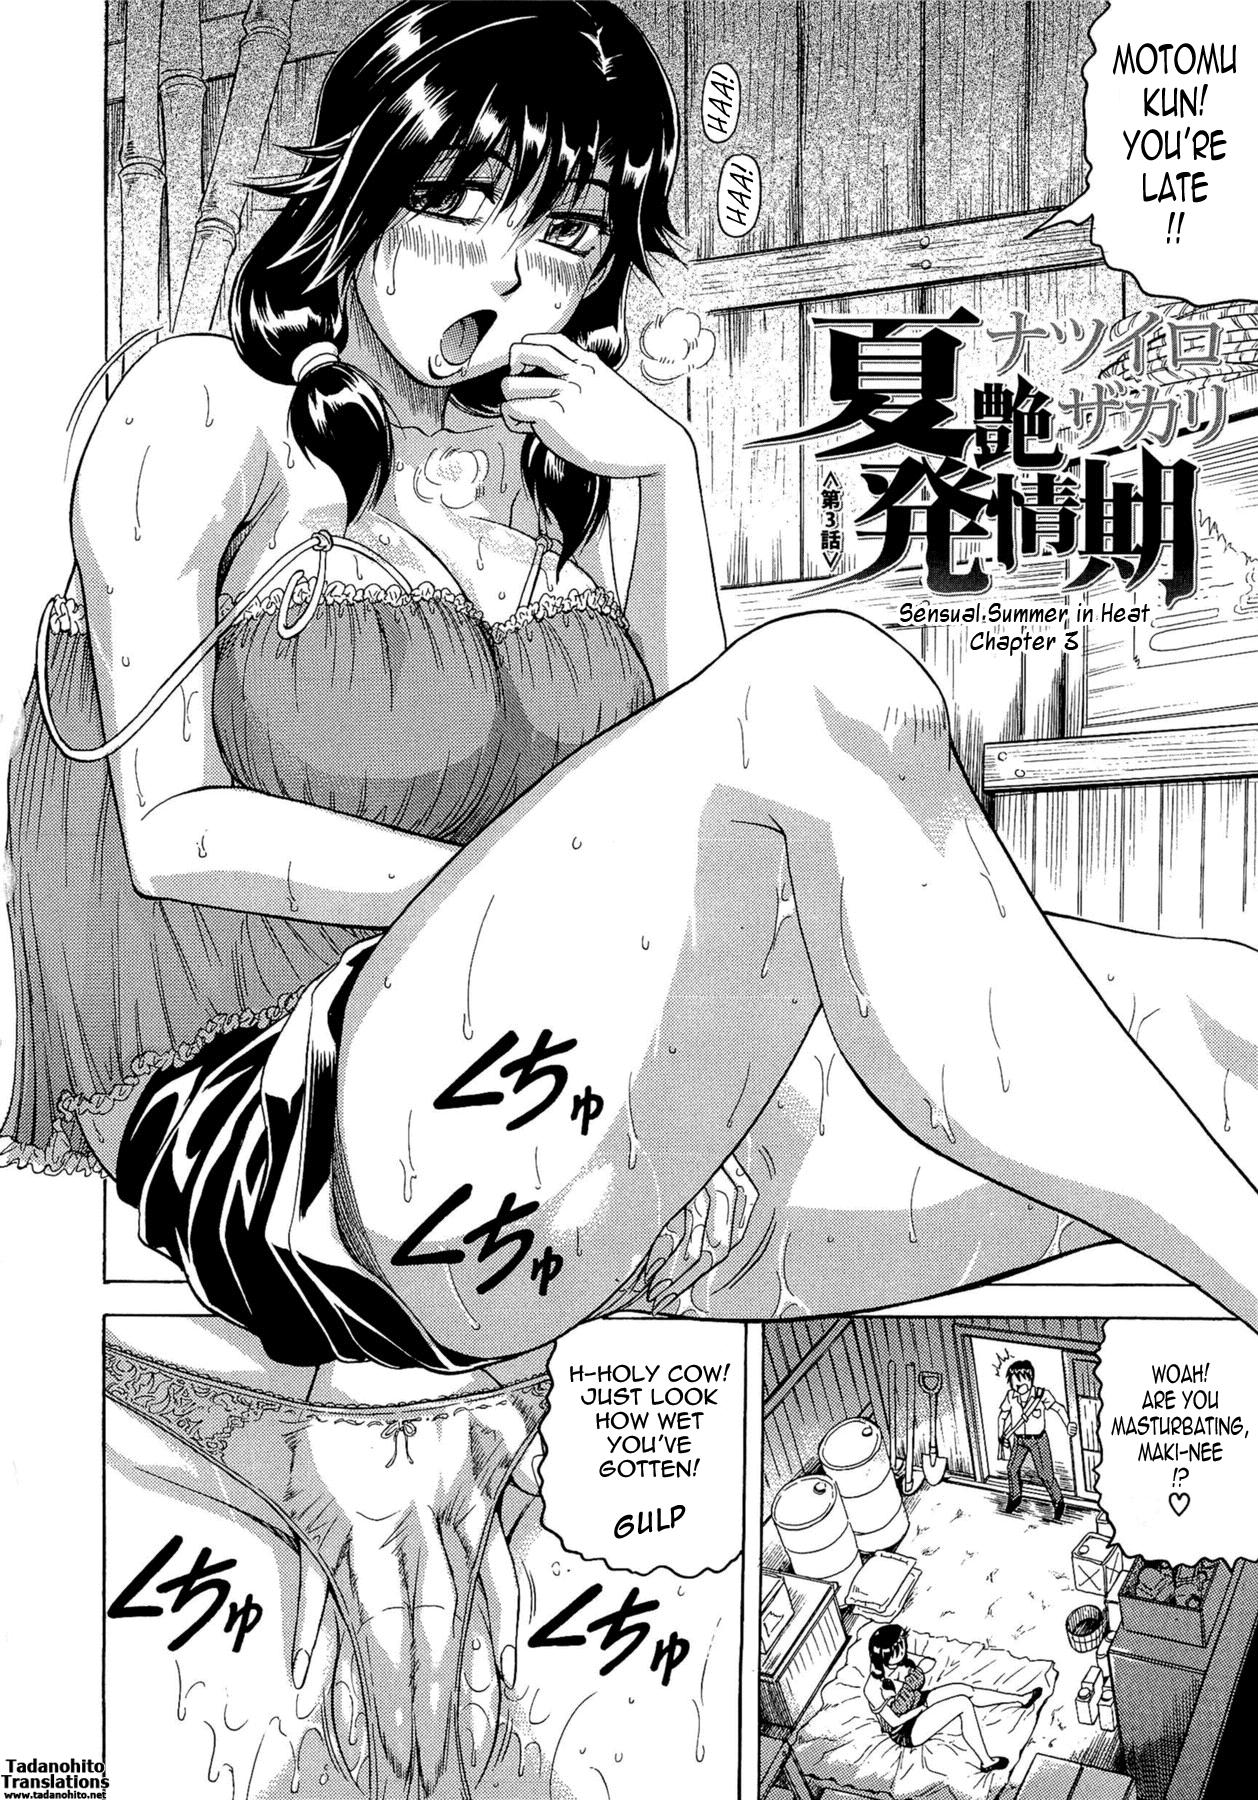 [Jamming] Koibito ha Tonari no Oneesan (Hatsujyouki) | My Lover is the Girl Next Door [English] {Tadanohito} 69